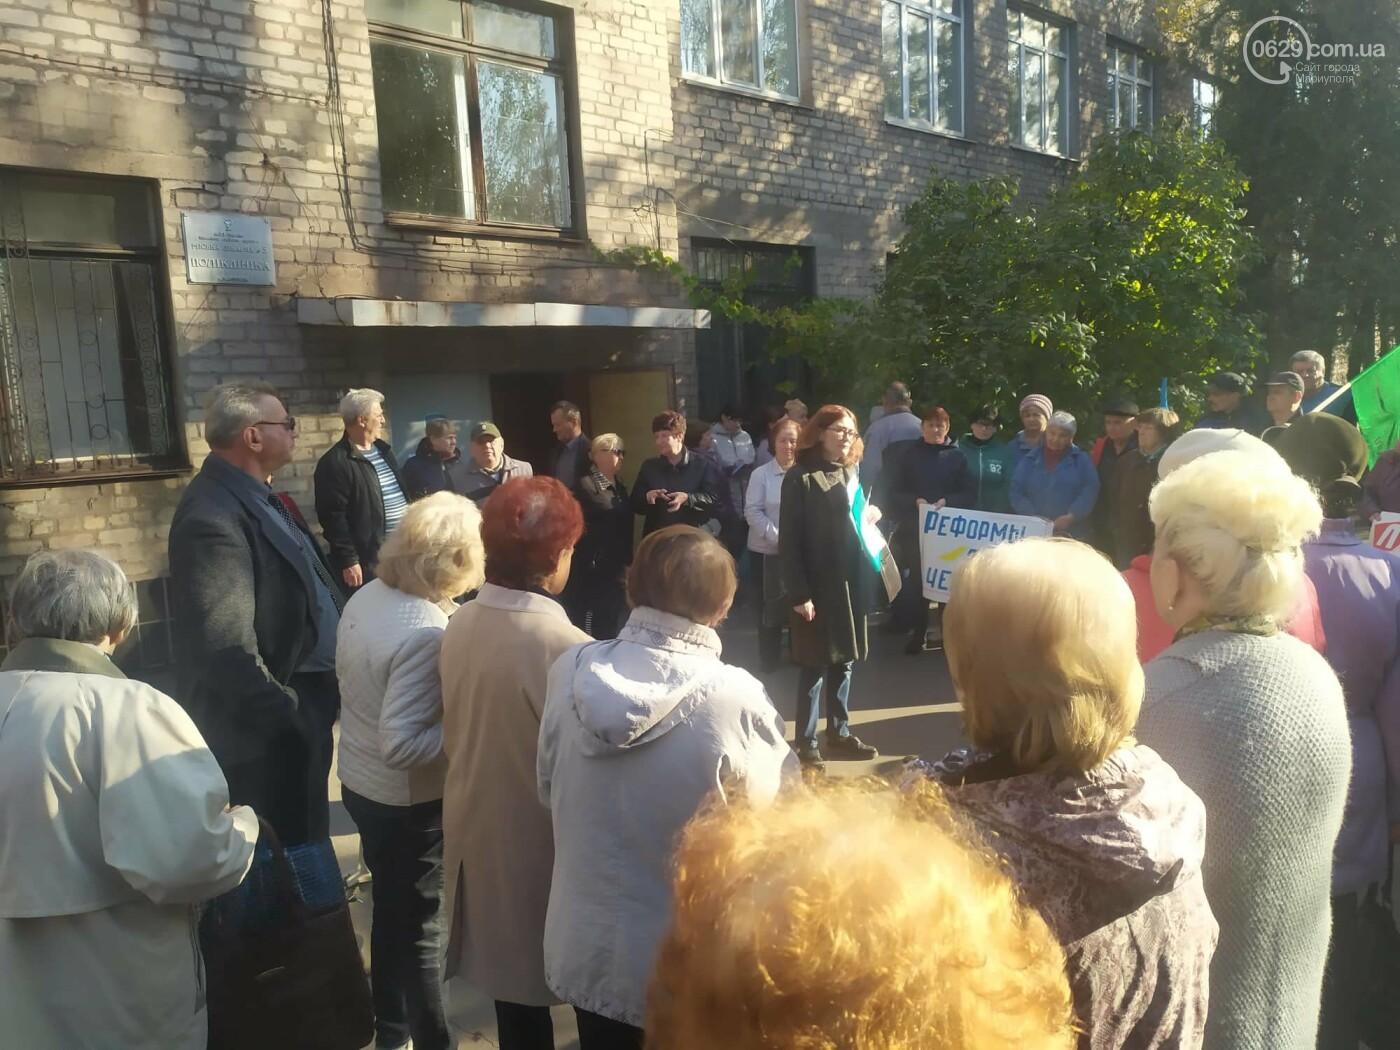 В Мариуполе митинговали против закрытия поликлиники в Кальмиусском районе, - ФОТО, фото-2